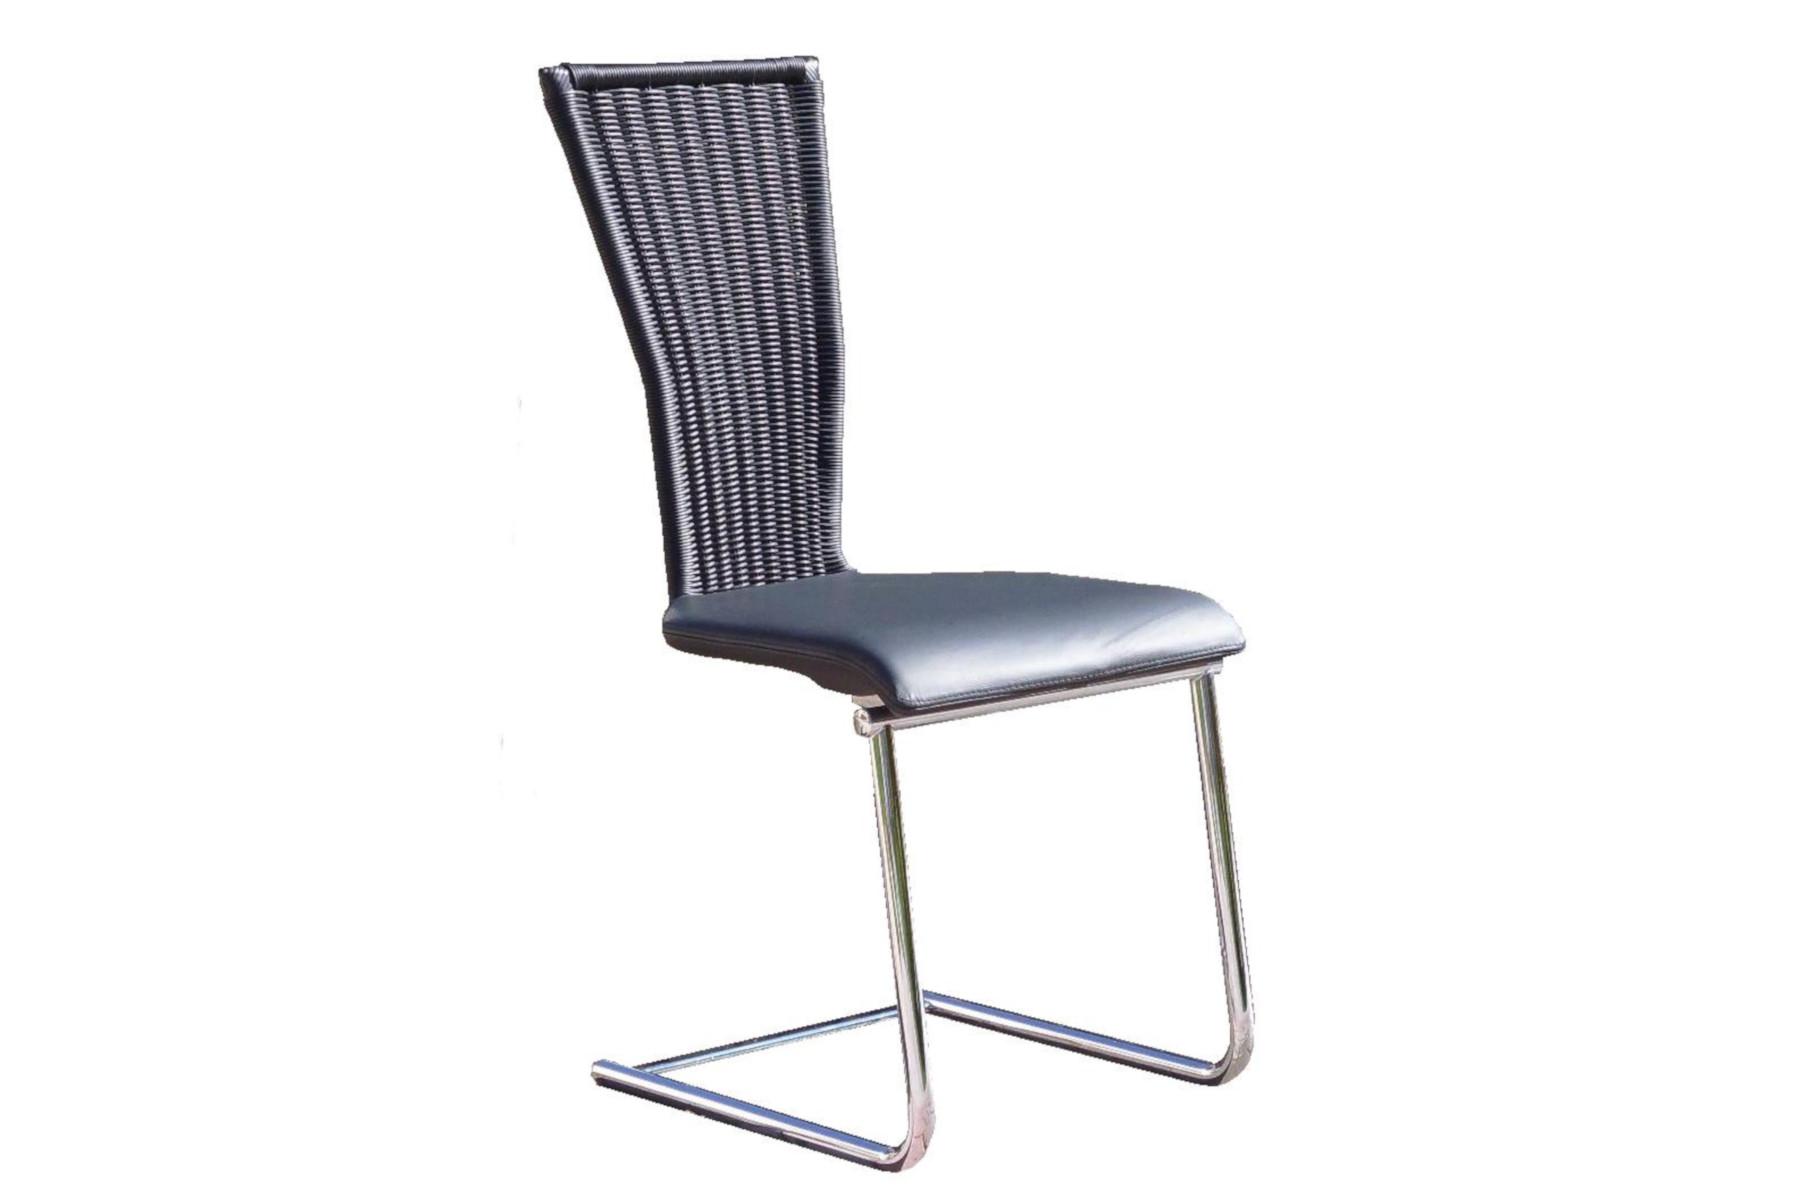 Bacher Stühle GIACOMO